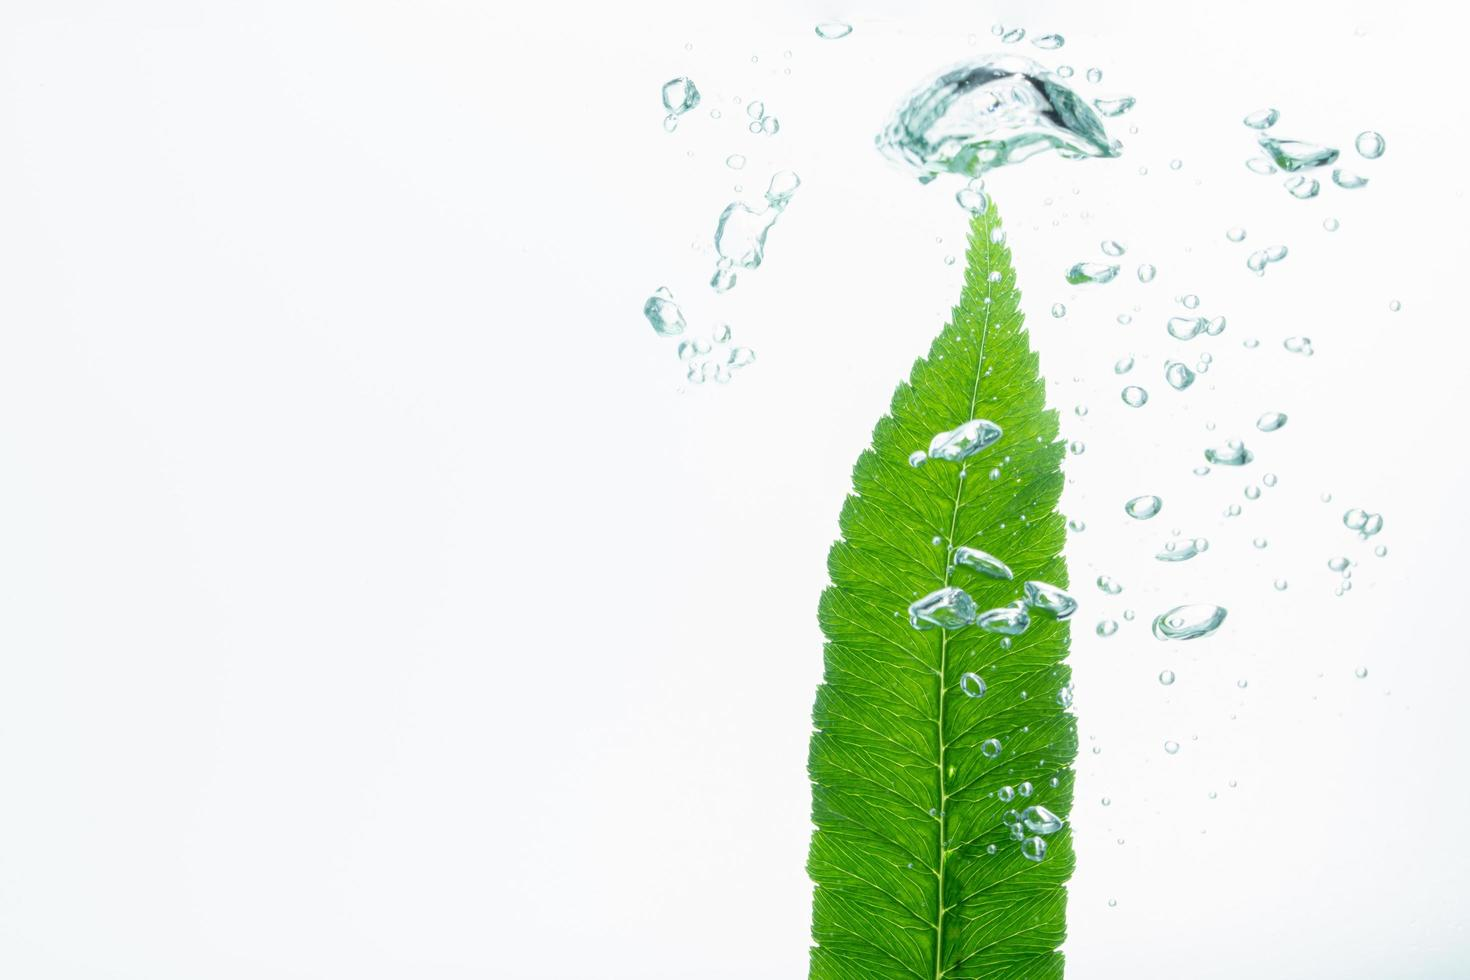 groen blad en bellen in het water foto